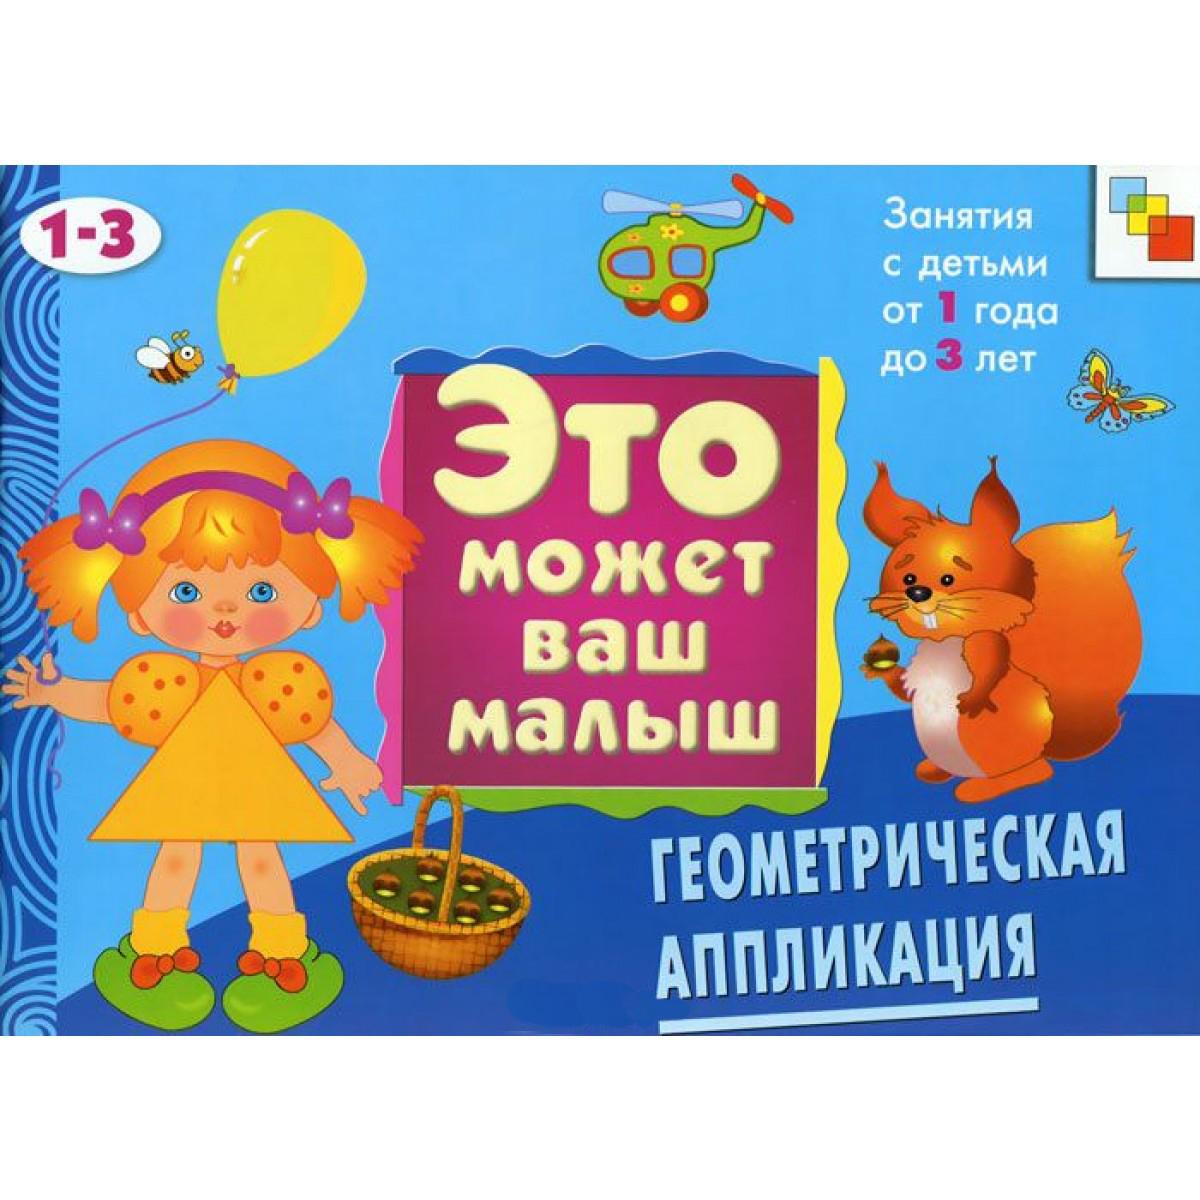 Мозаика-Синтез Геометрическая аппликация - Художественный альбом для занятий с детьми 1-3 лет